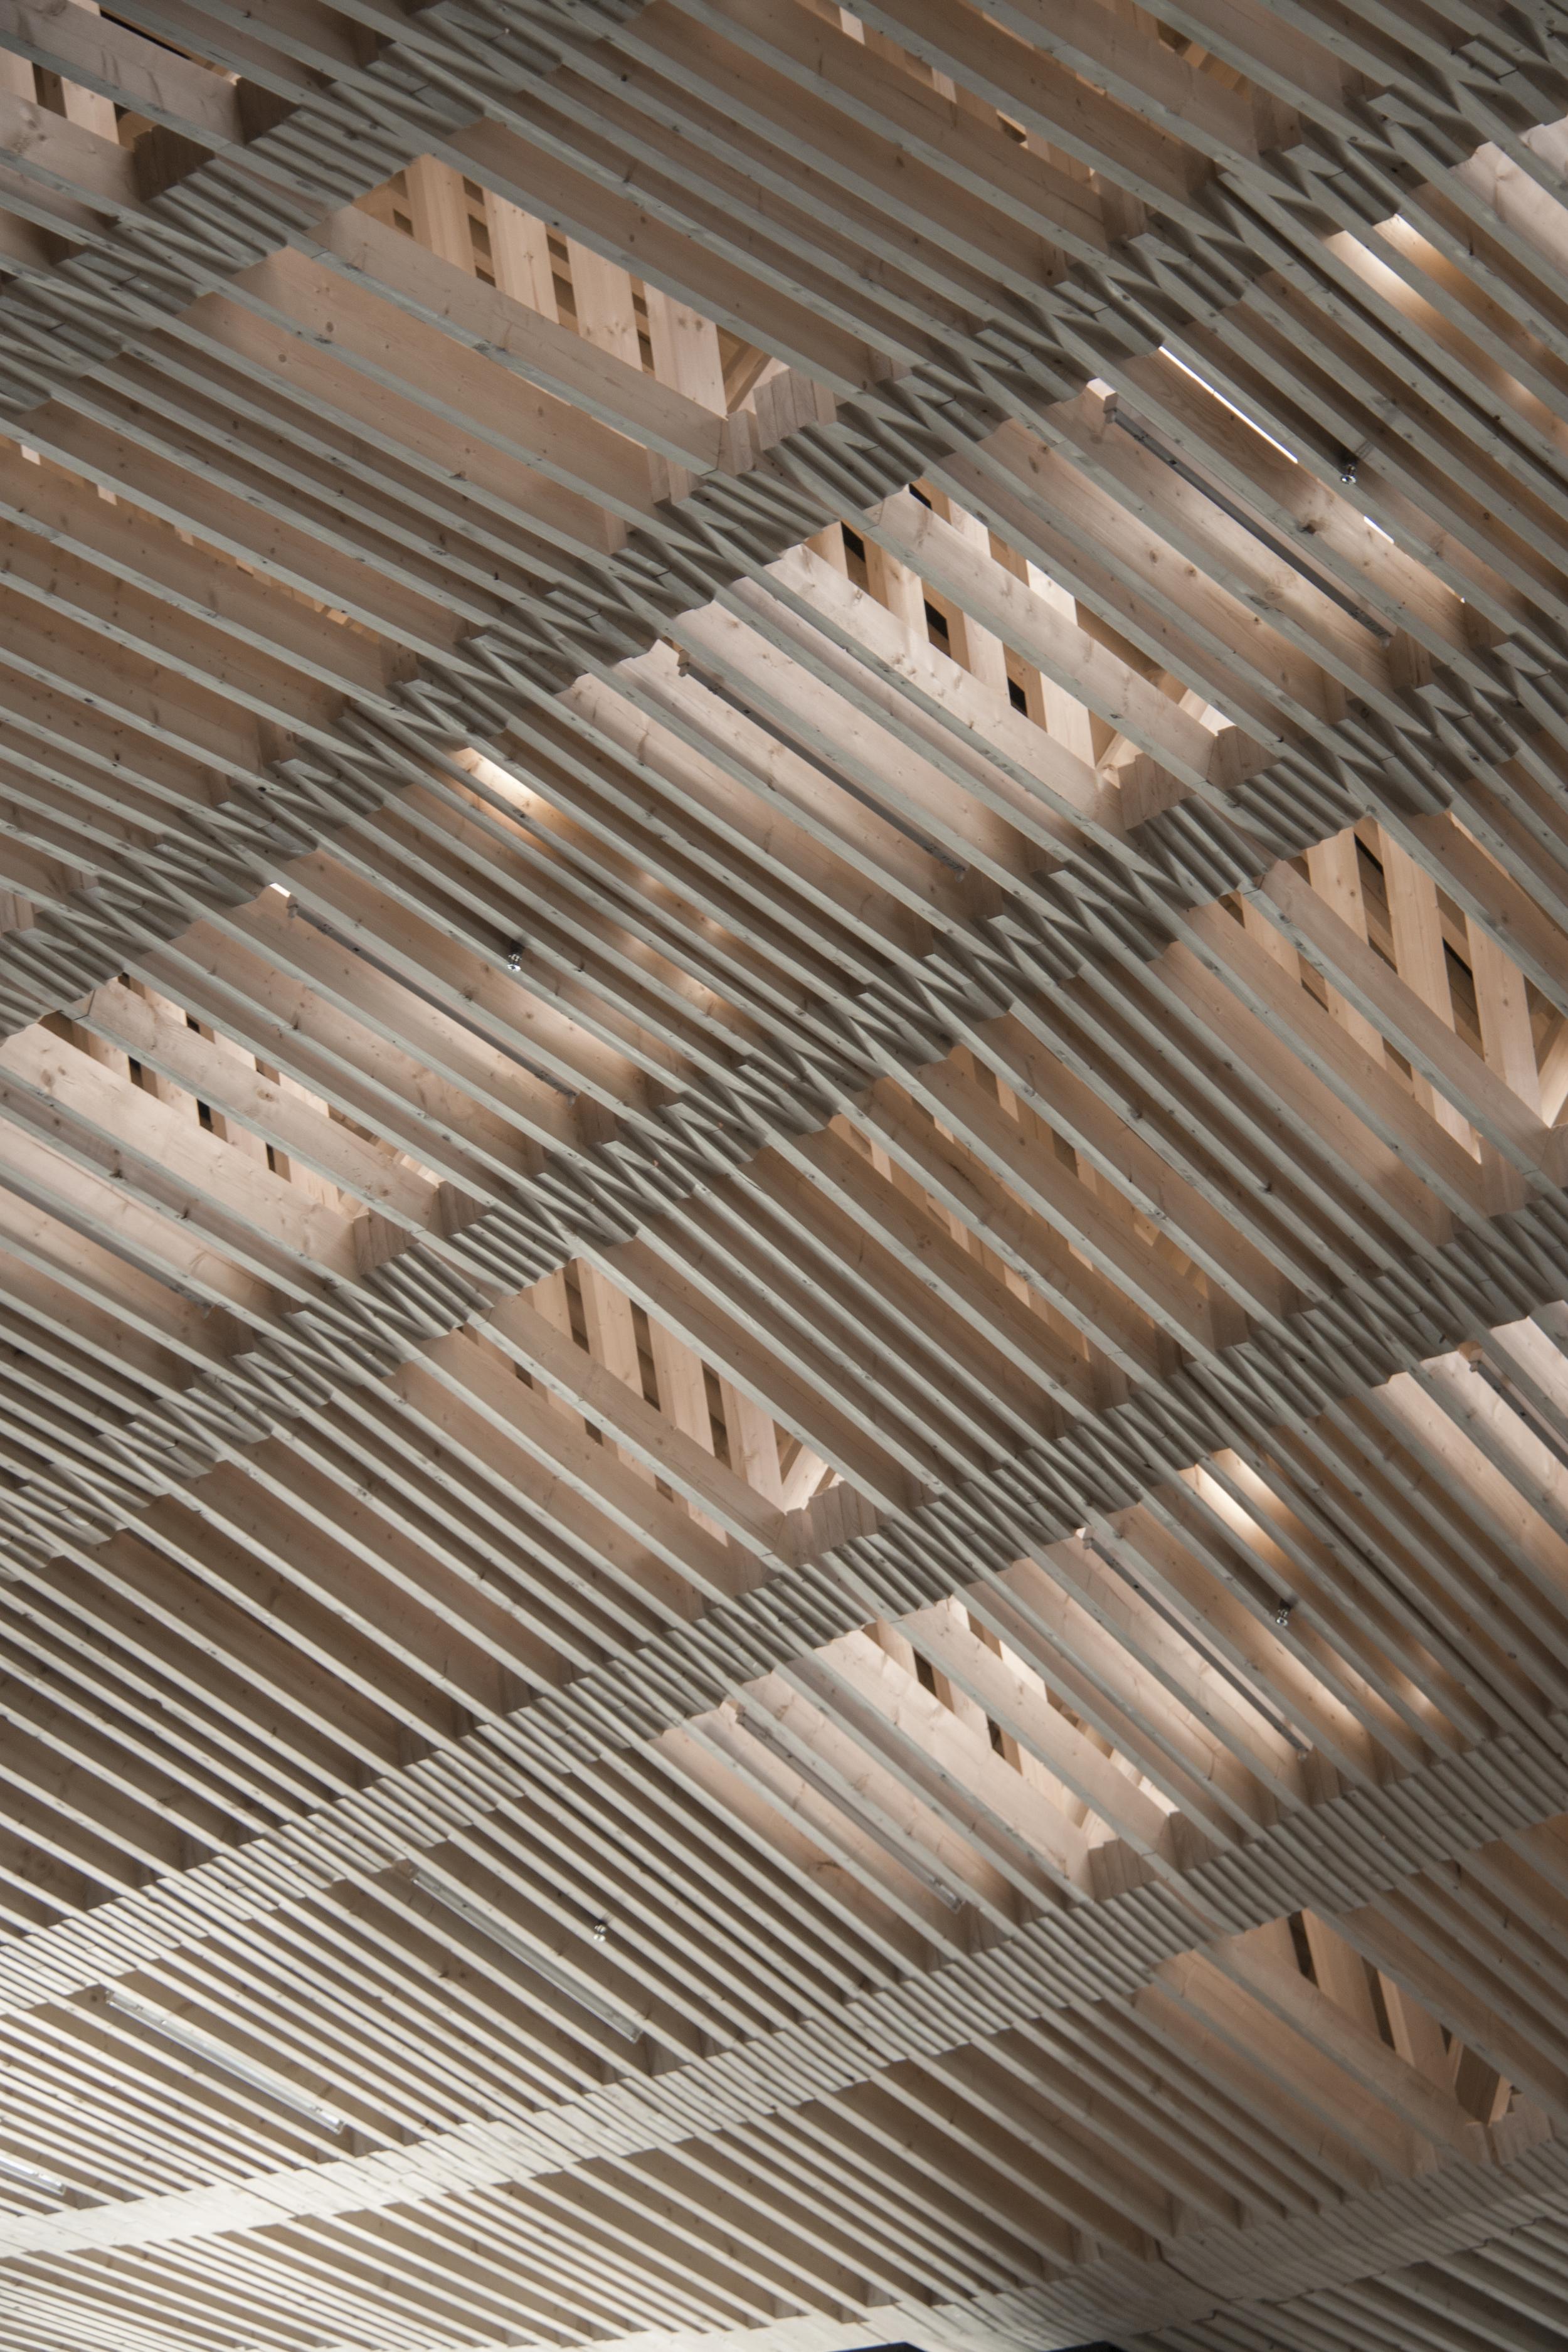 150929_114_Dach-Innenraum_AA_181_clean_PR.jpg